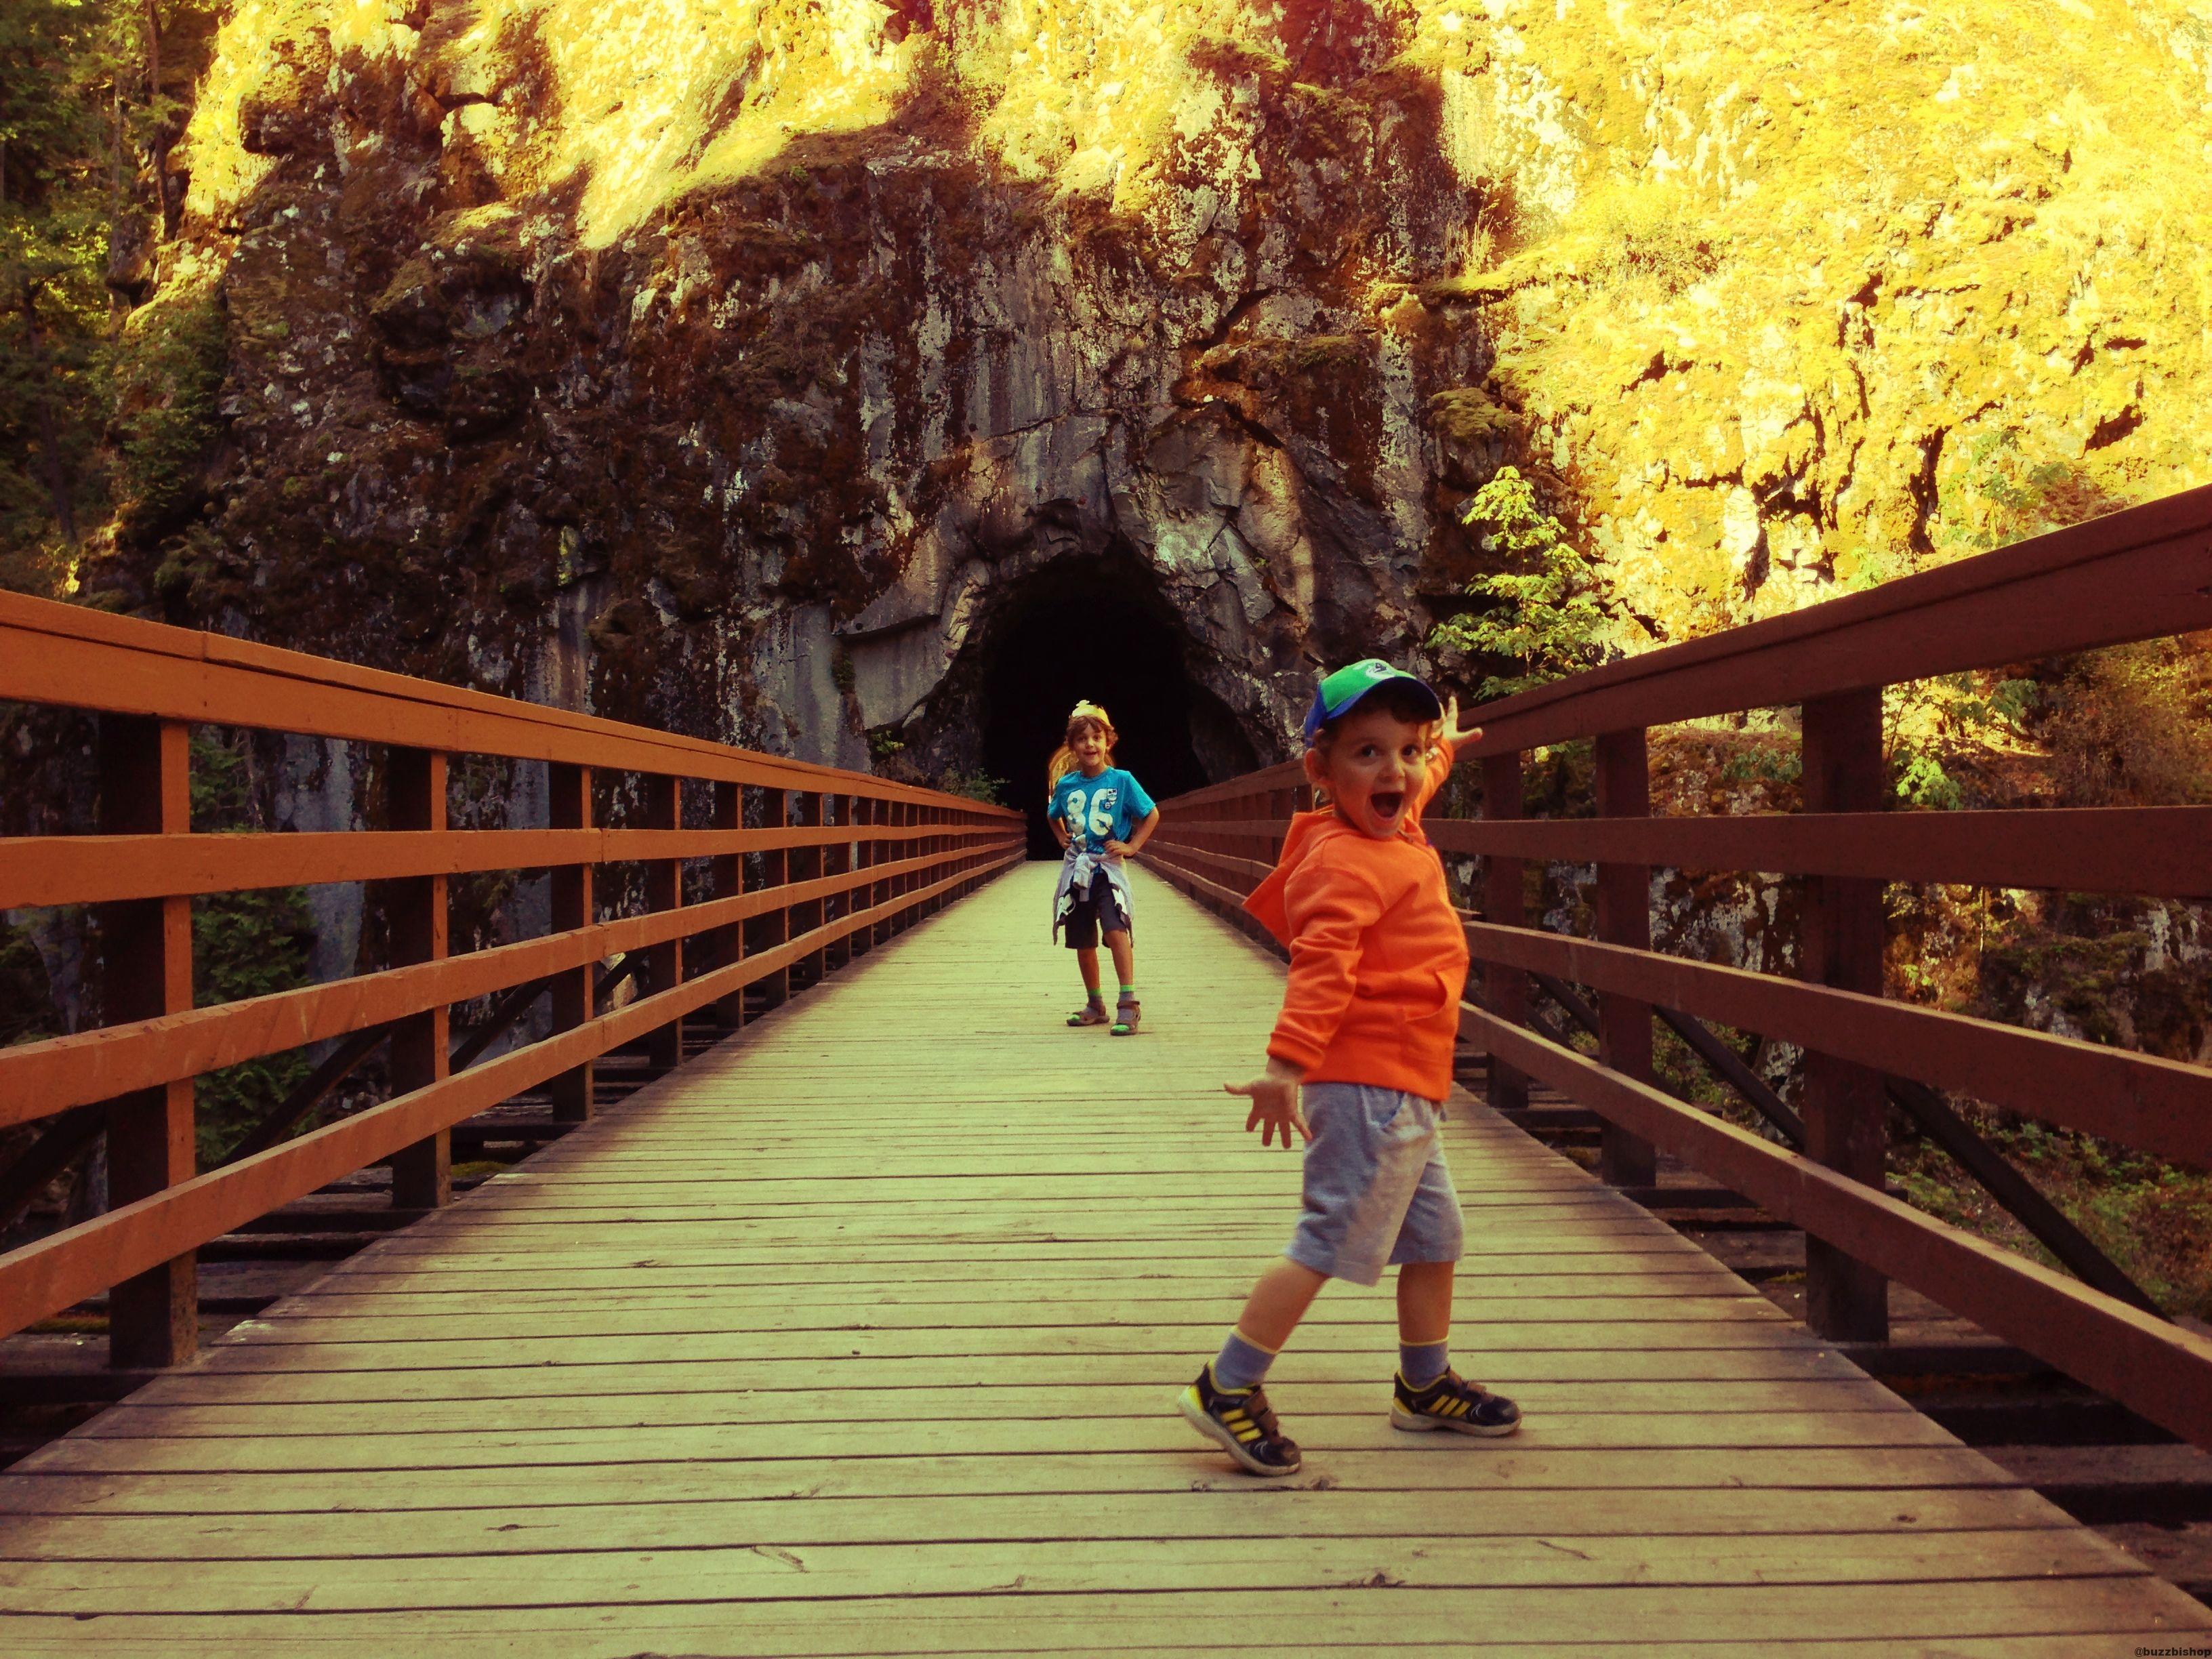 othello tunnels at coquihalla canyon